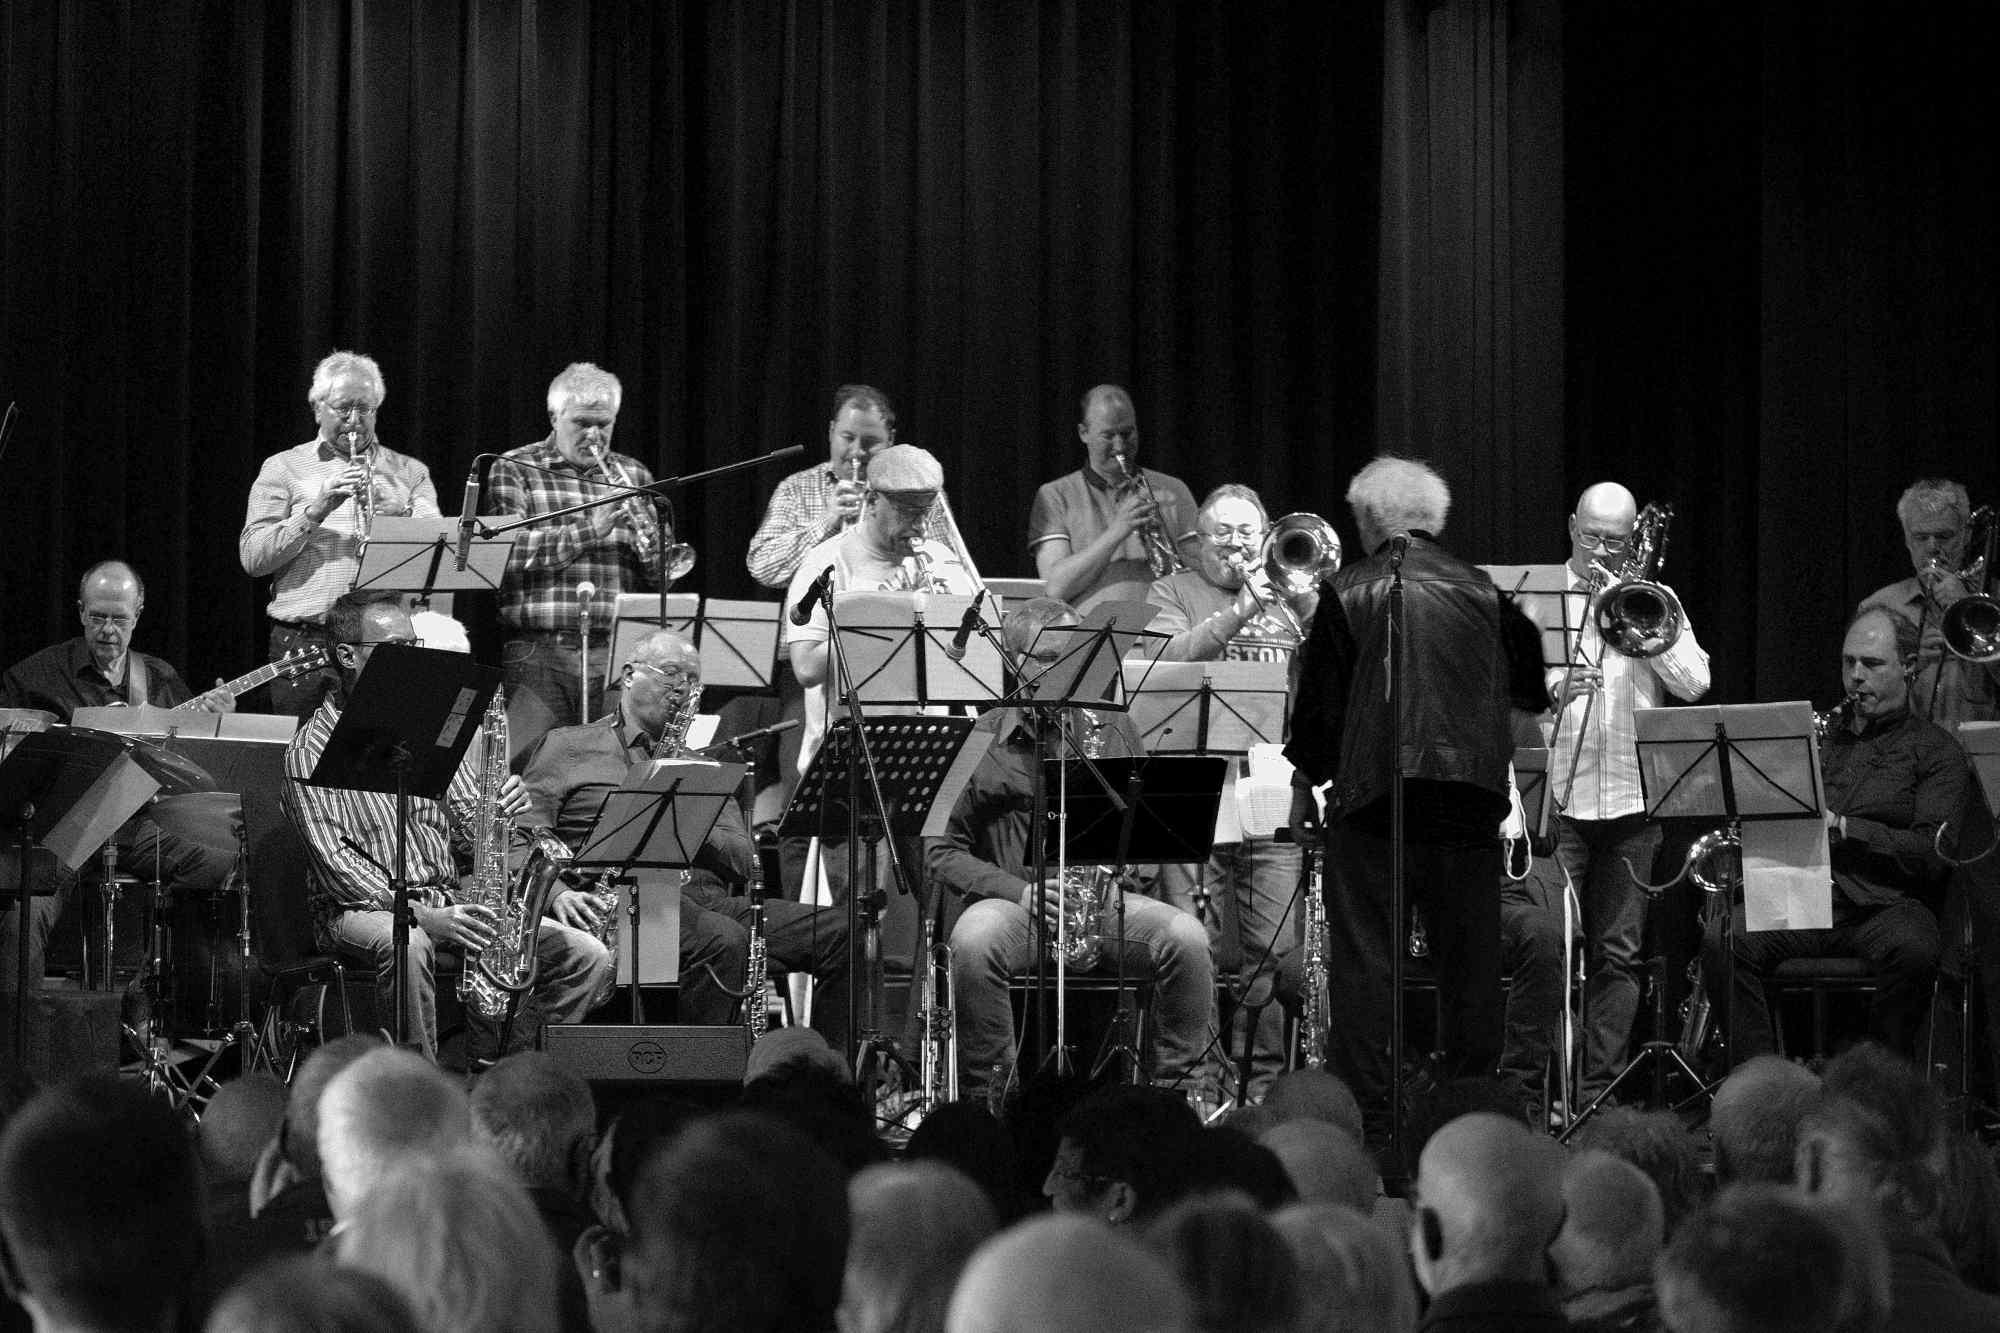 Bongos-Bigband-Konzert_20200301_DSC_2150.NEF_